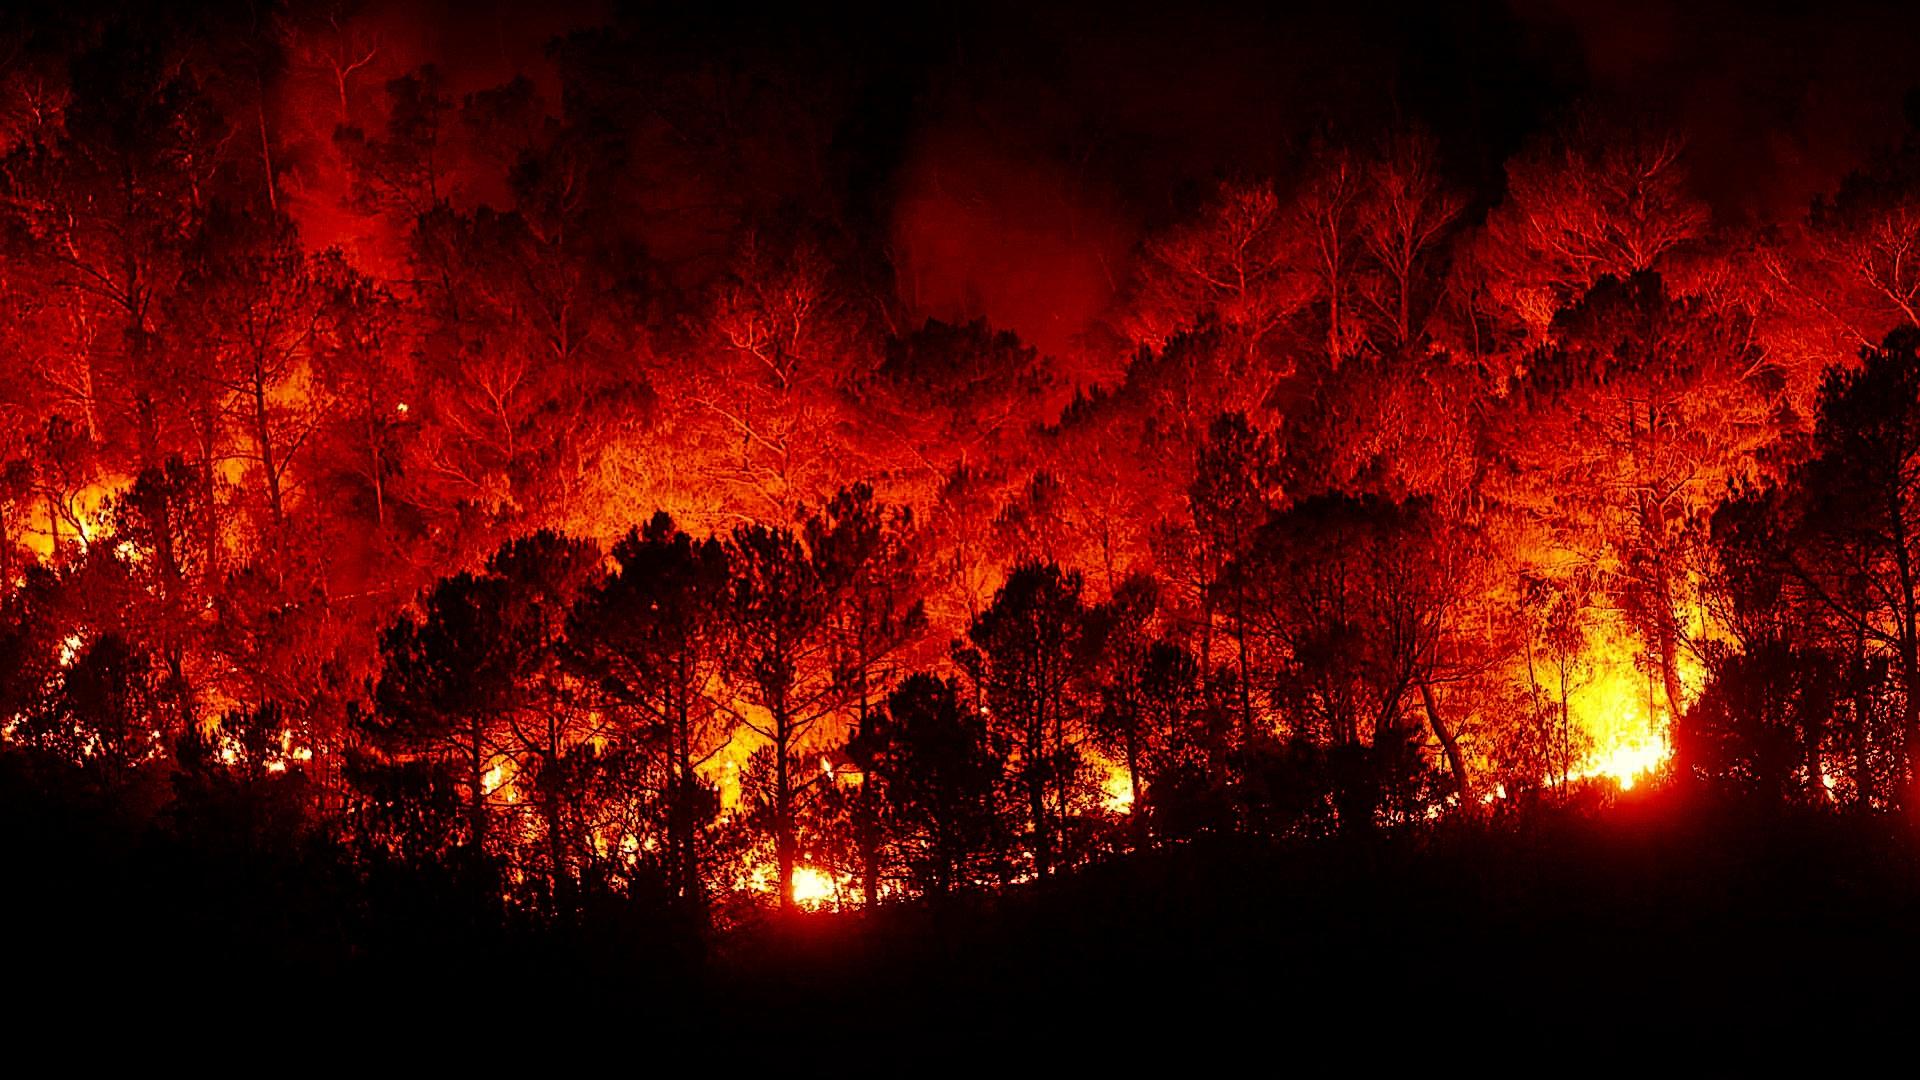 La Xunta cargara costes de extinción de incendios a los propietarios que incumplan la normativa forestal.1920